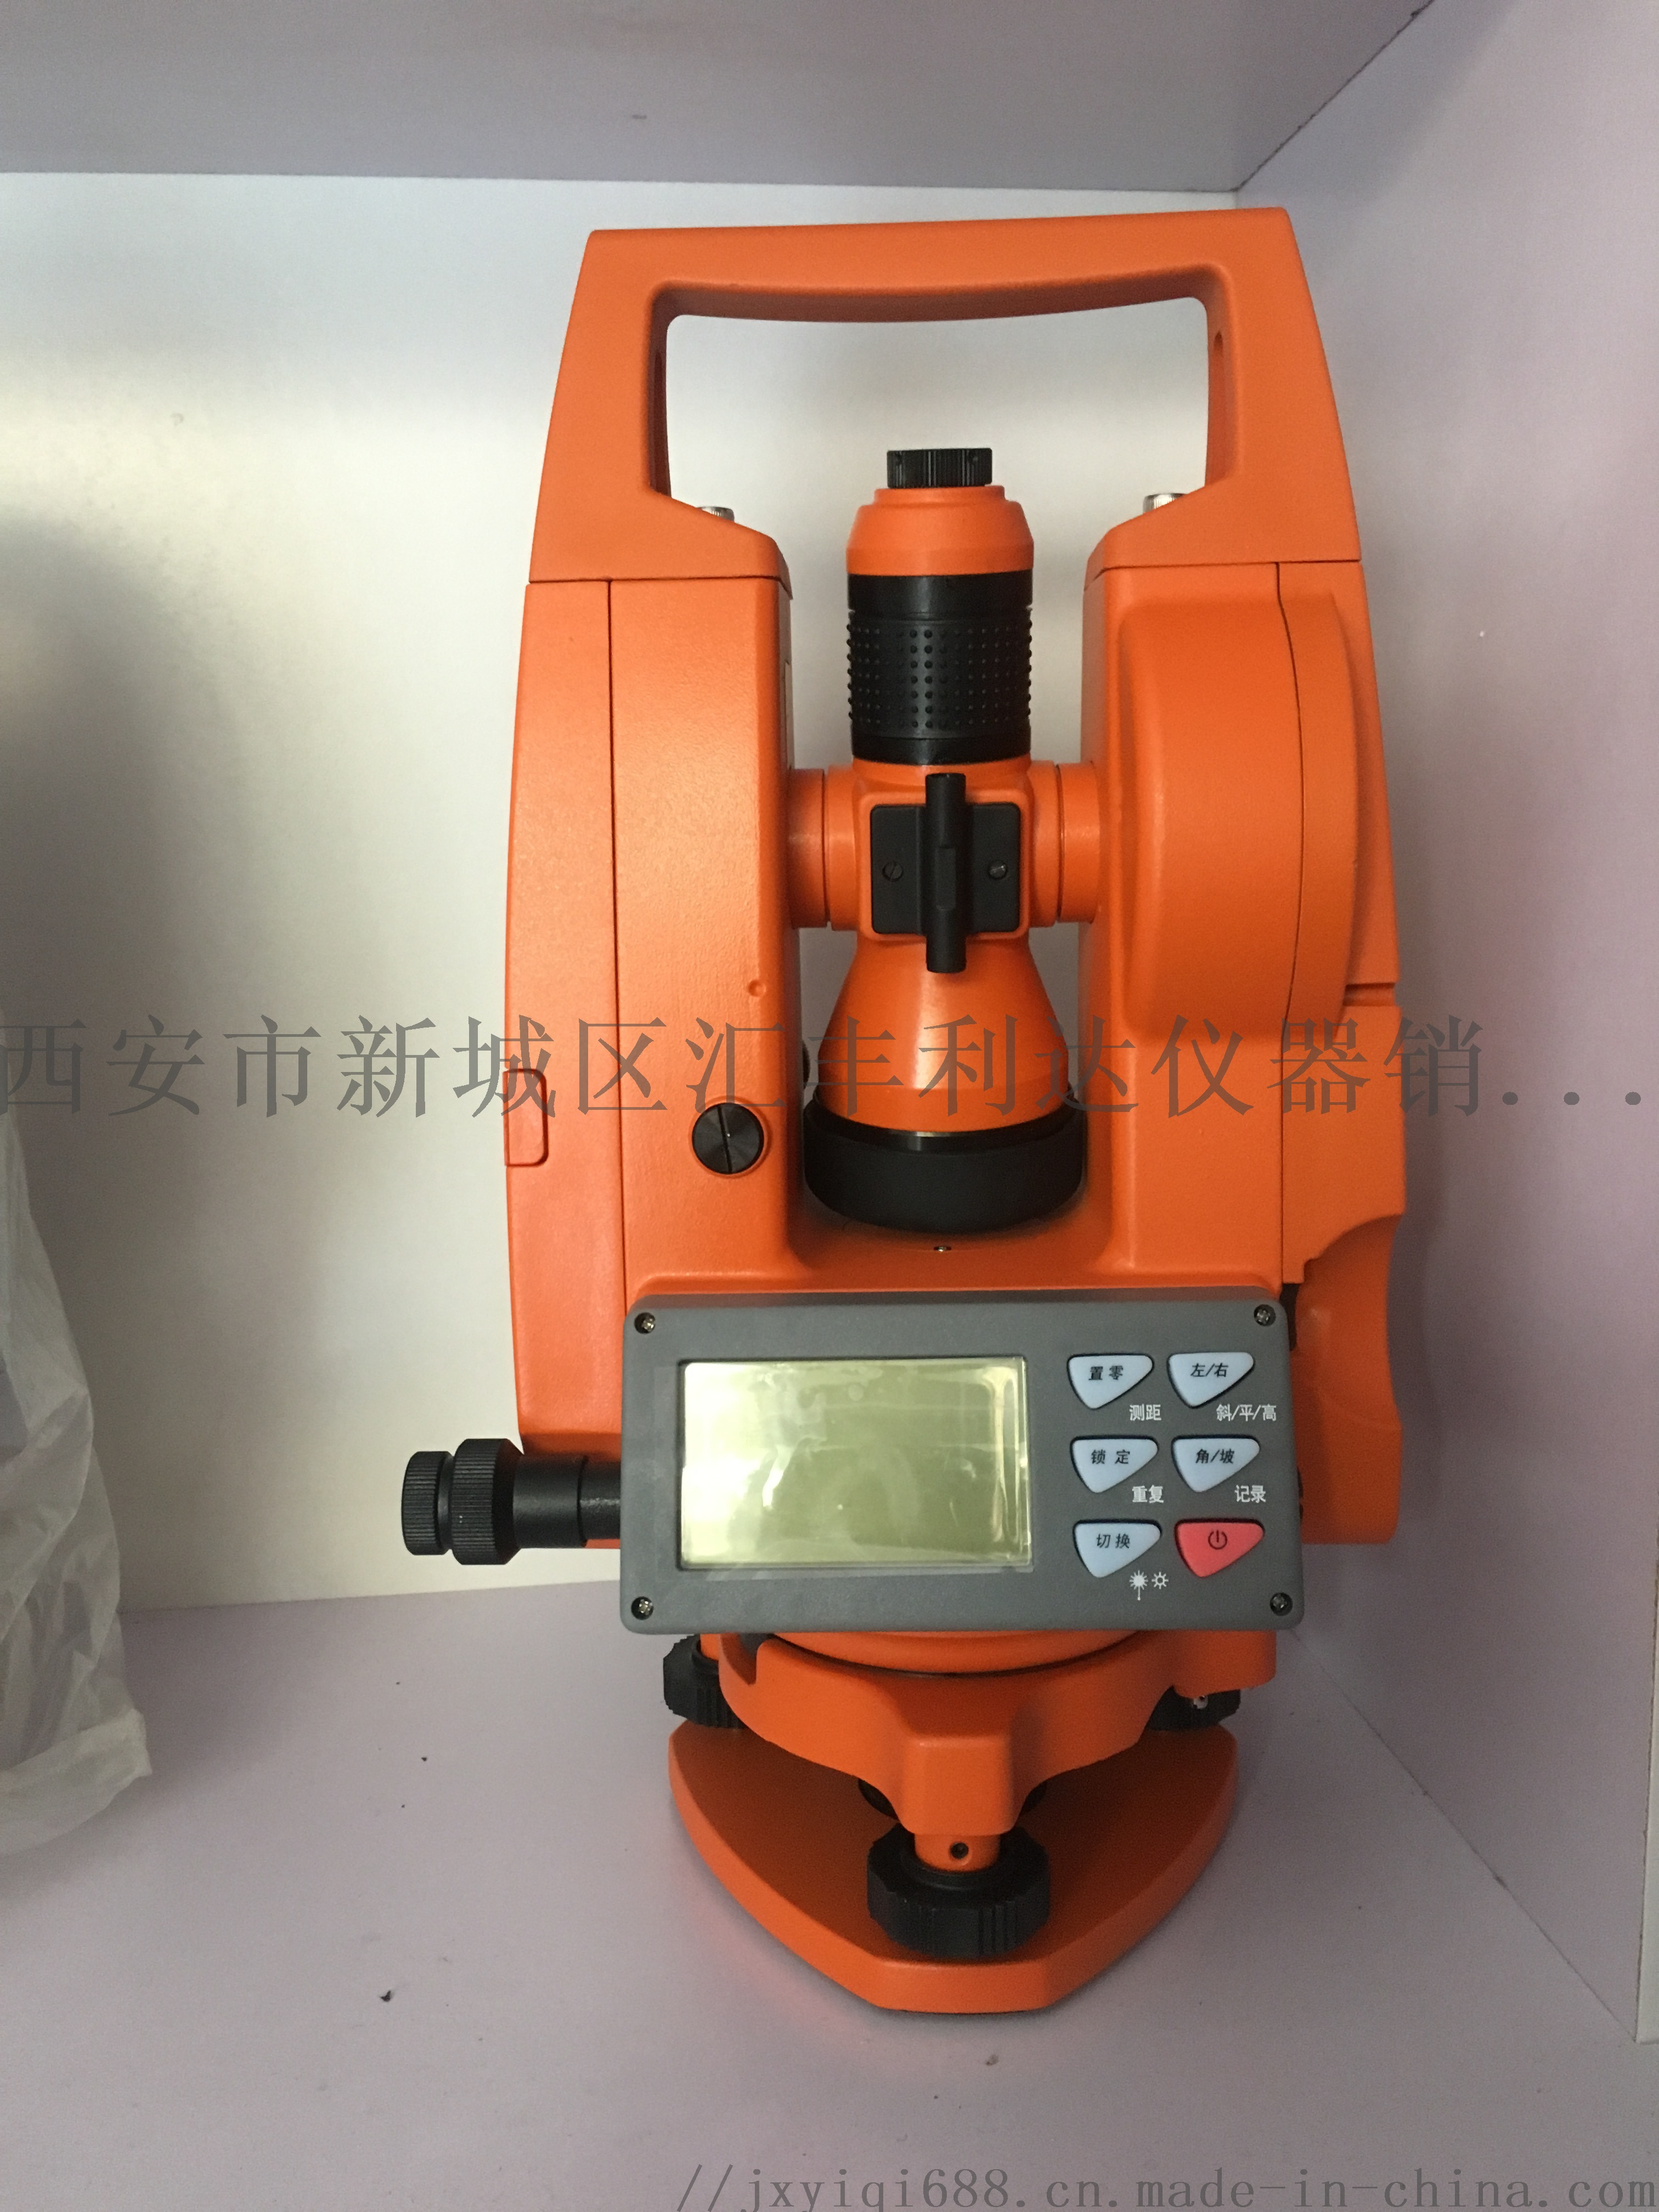 西安哪里有卖测绘仪器1882177052167084752